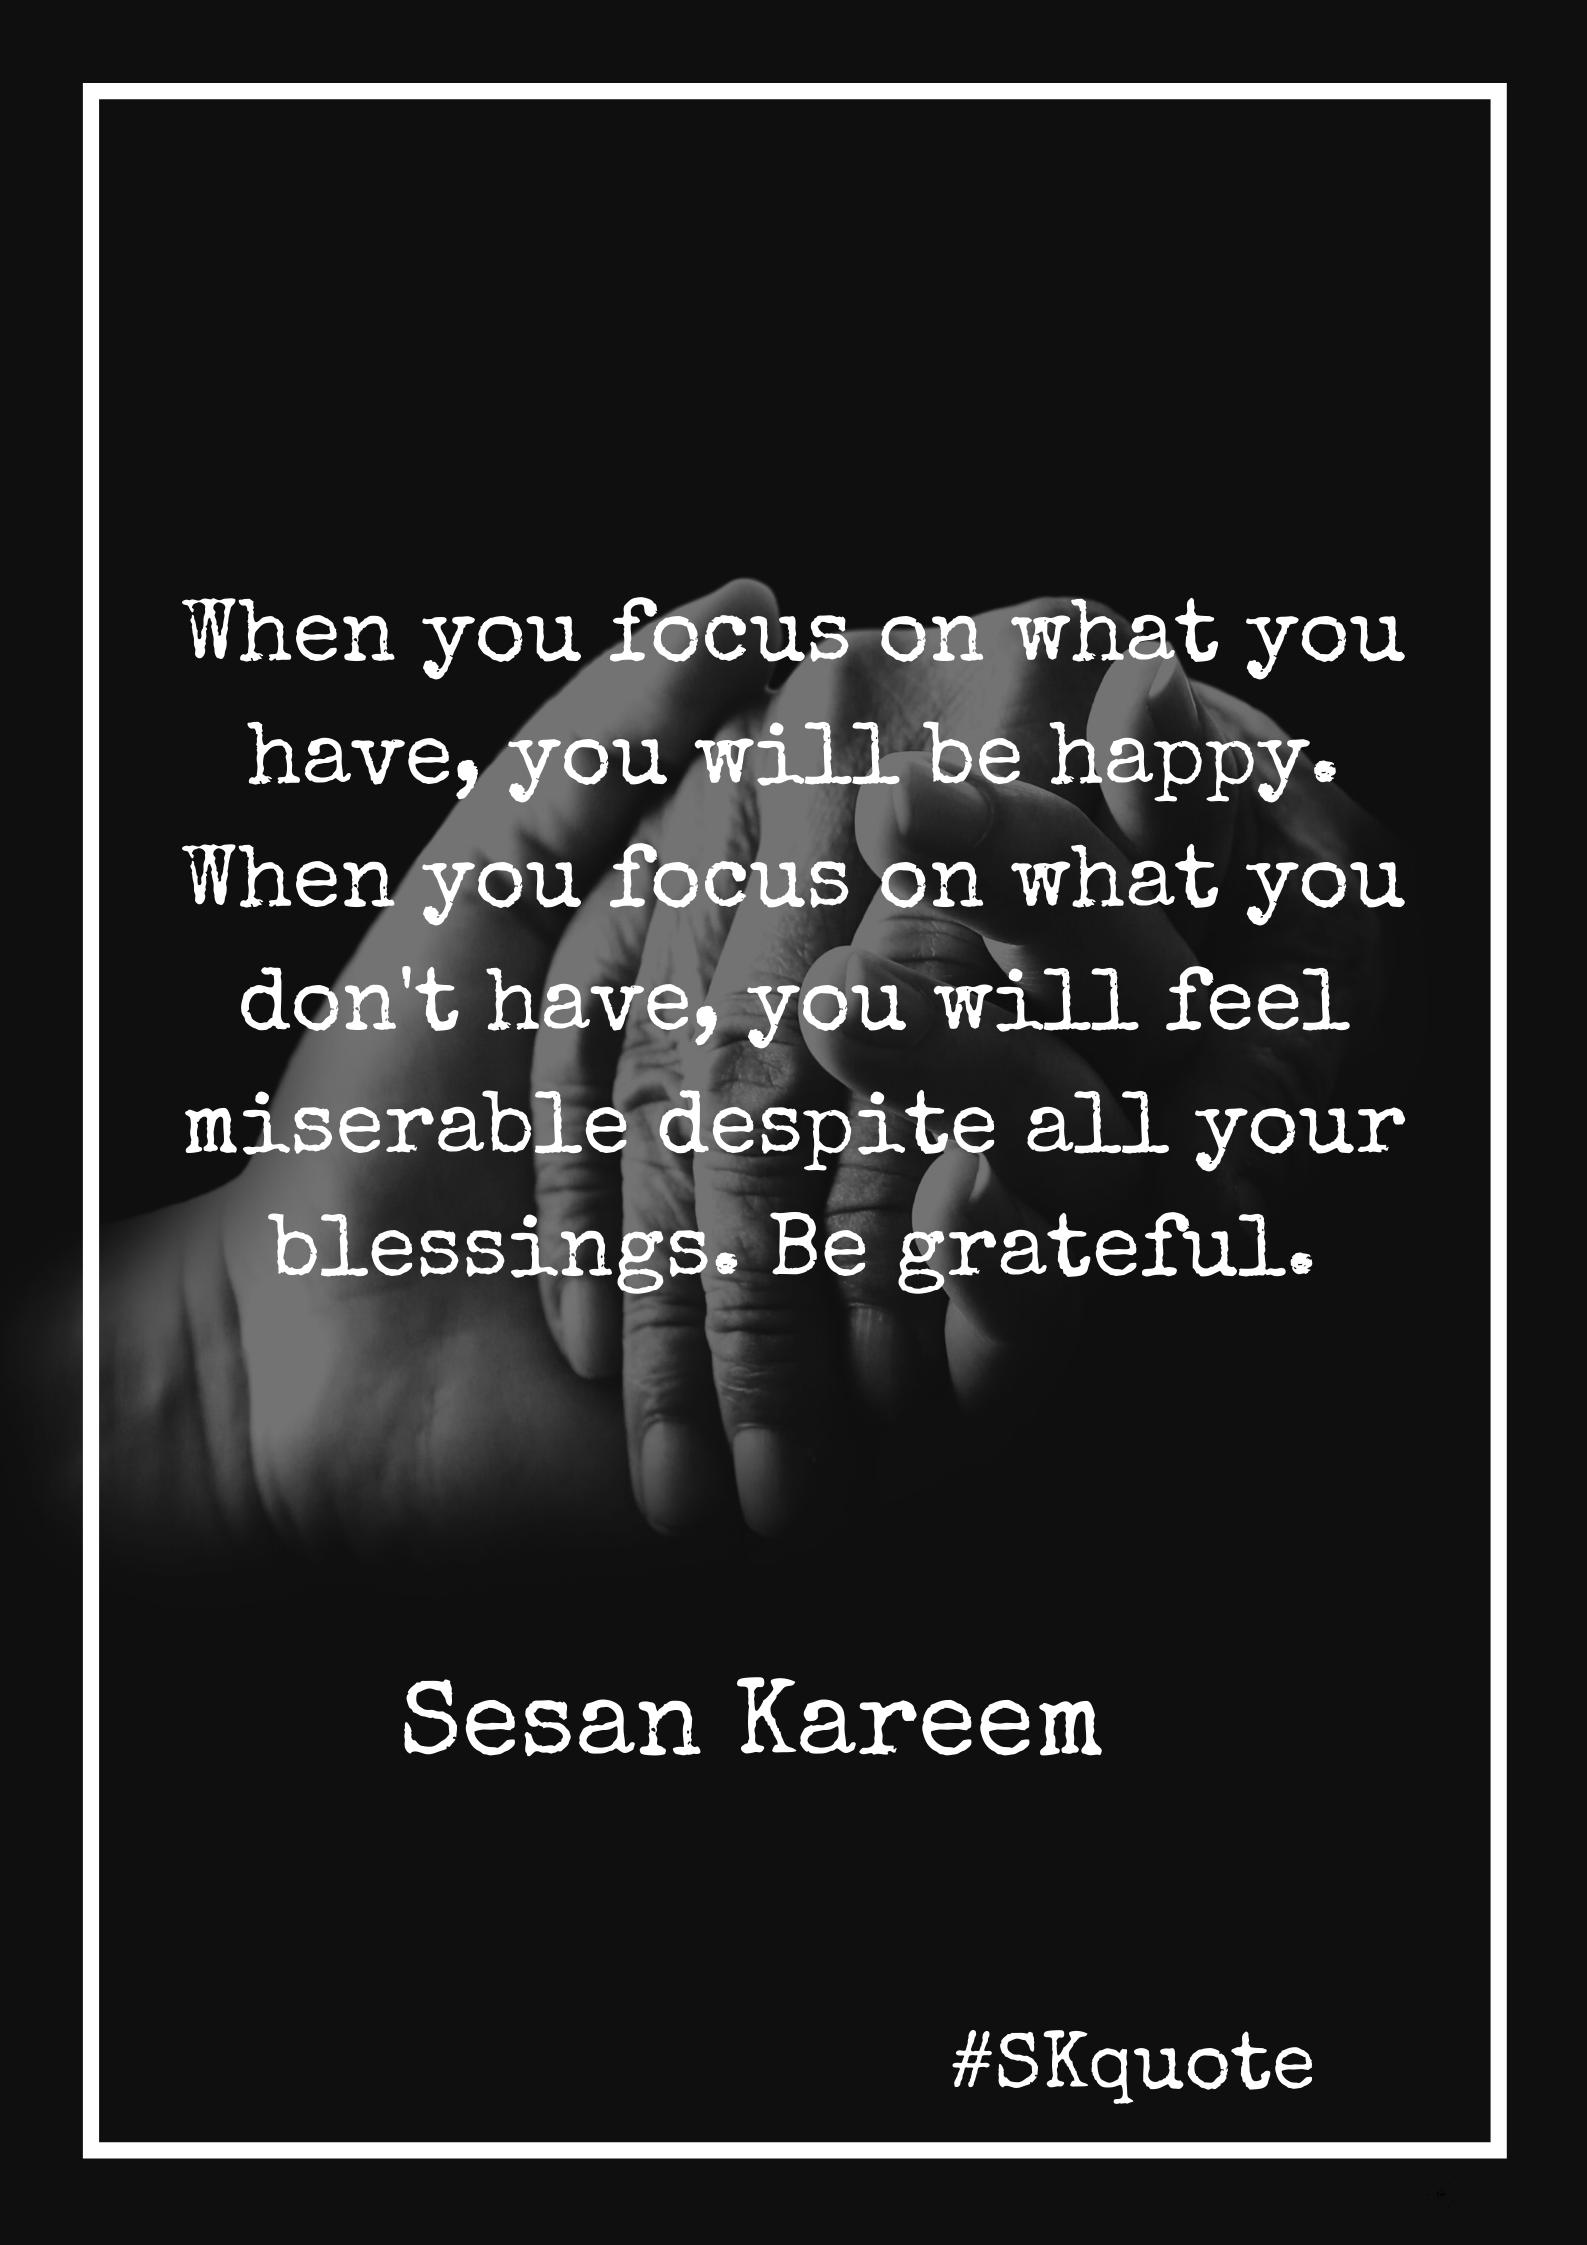 Sesan Kareem quote